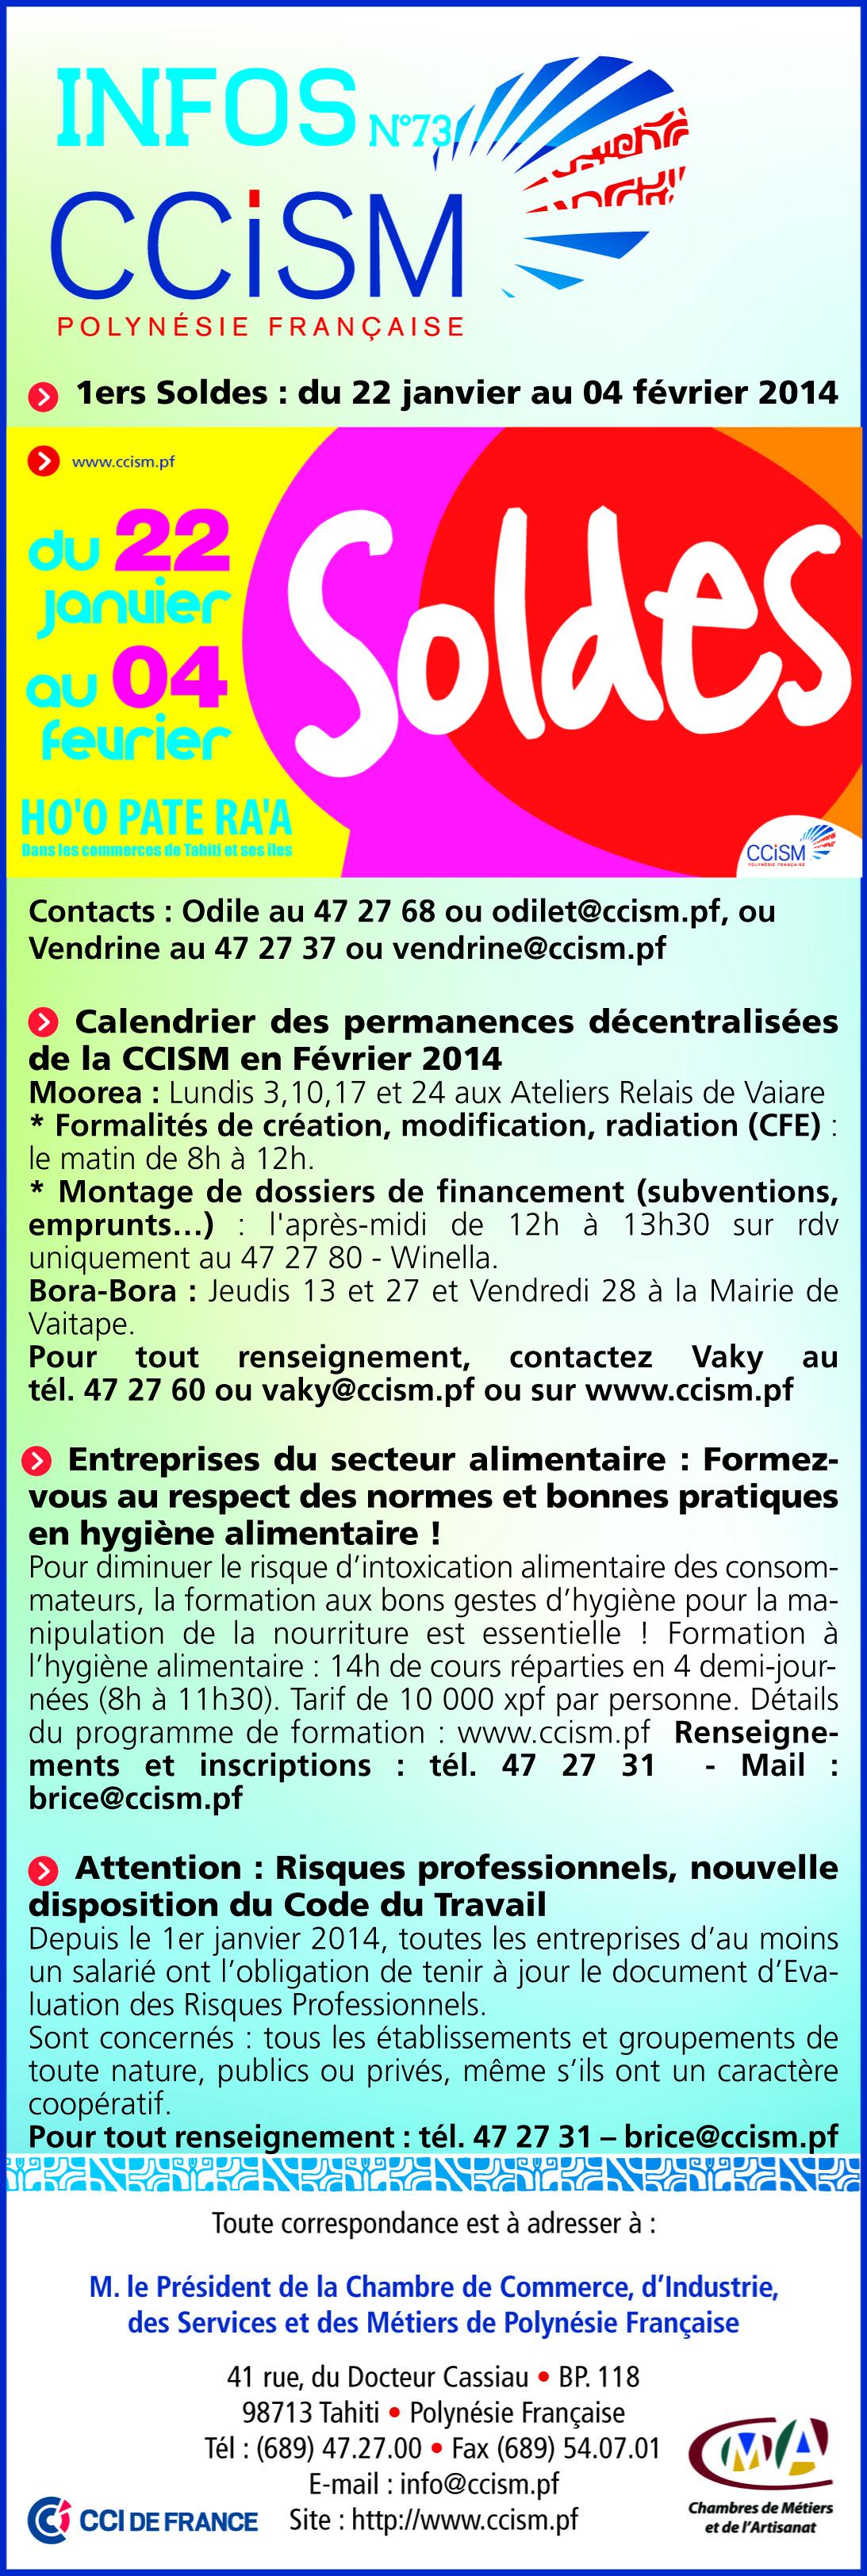 Infos CCISM N°73